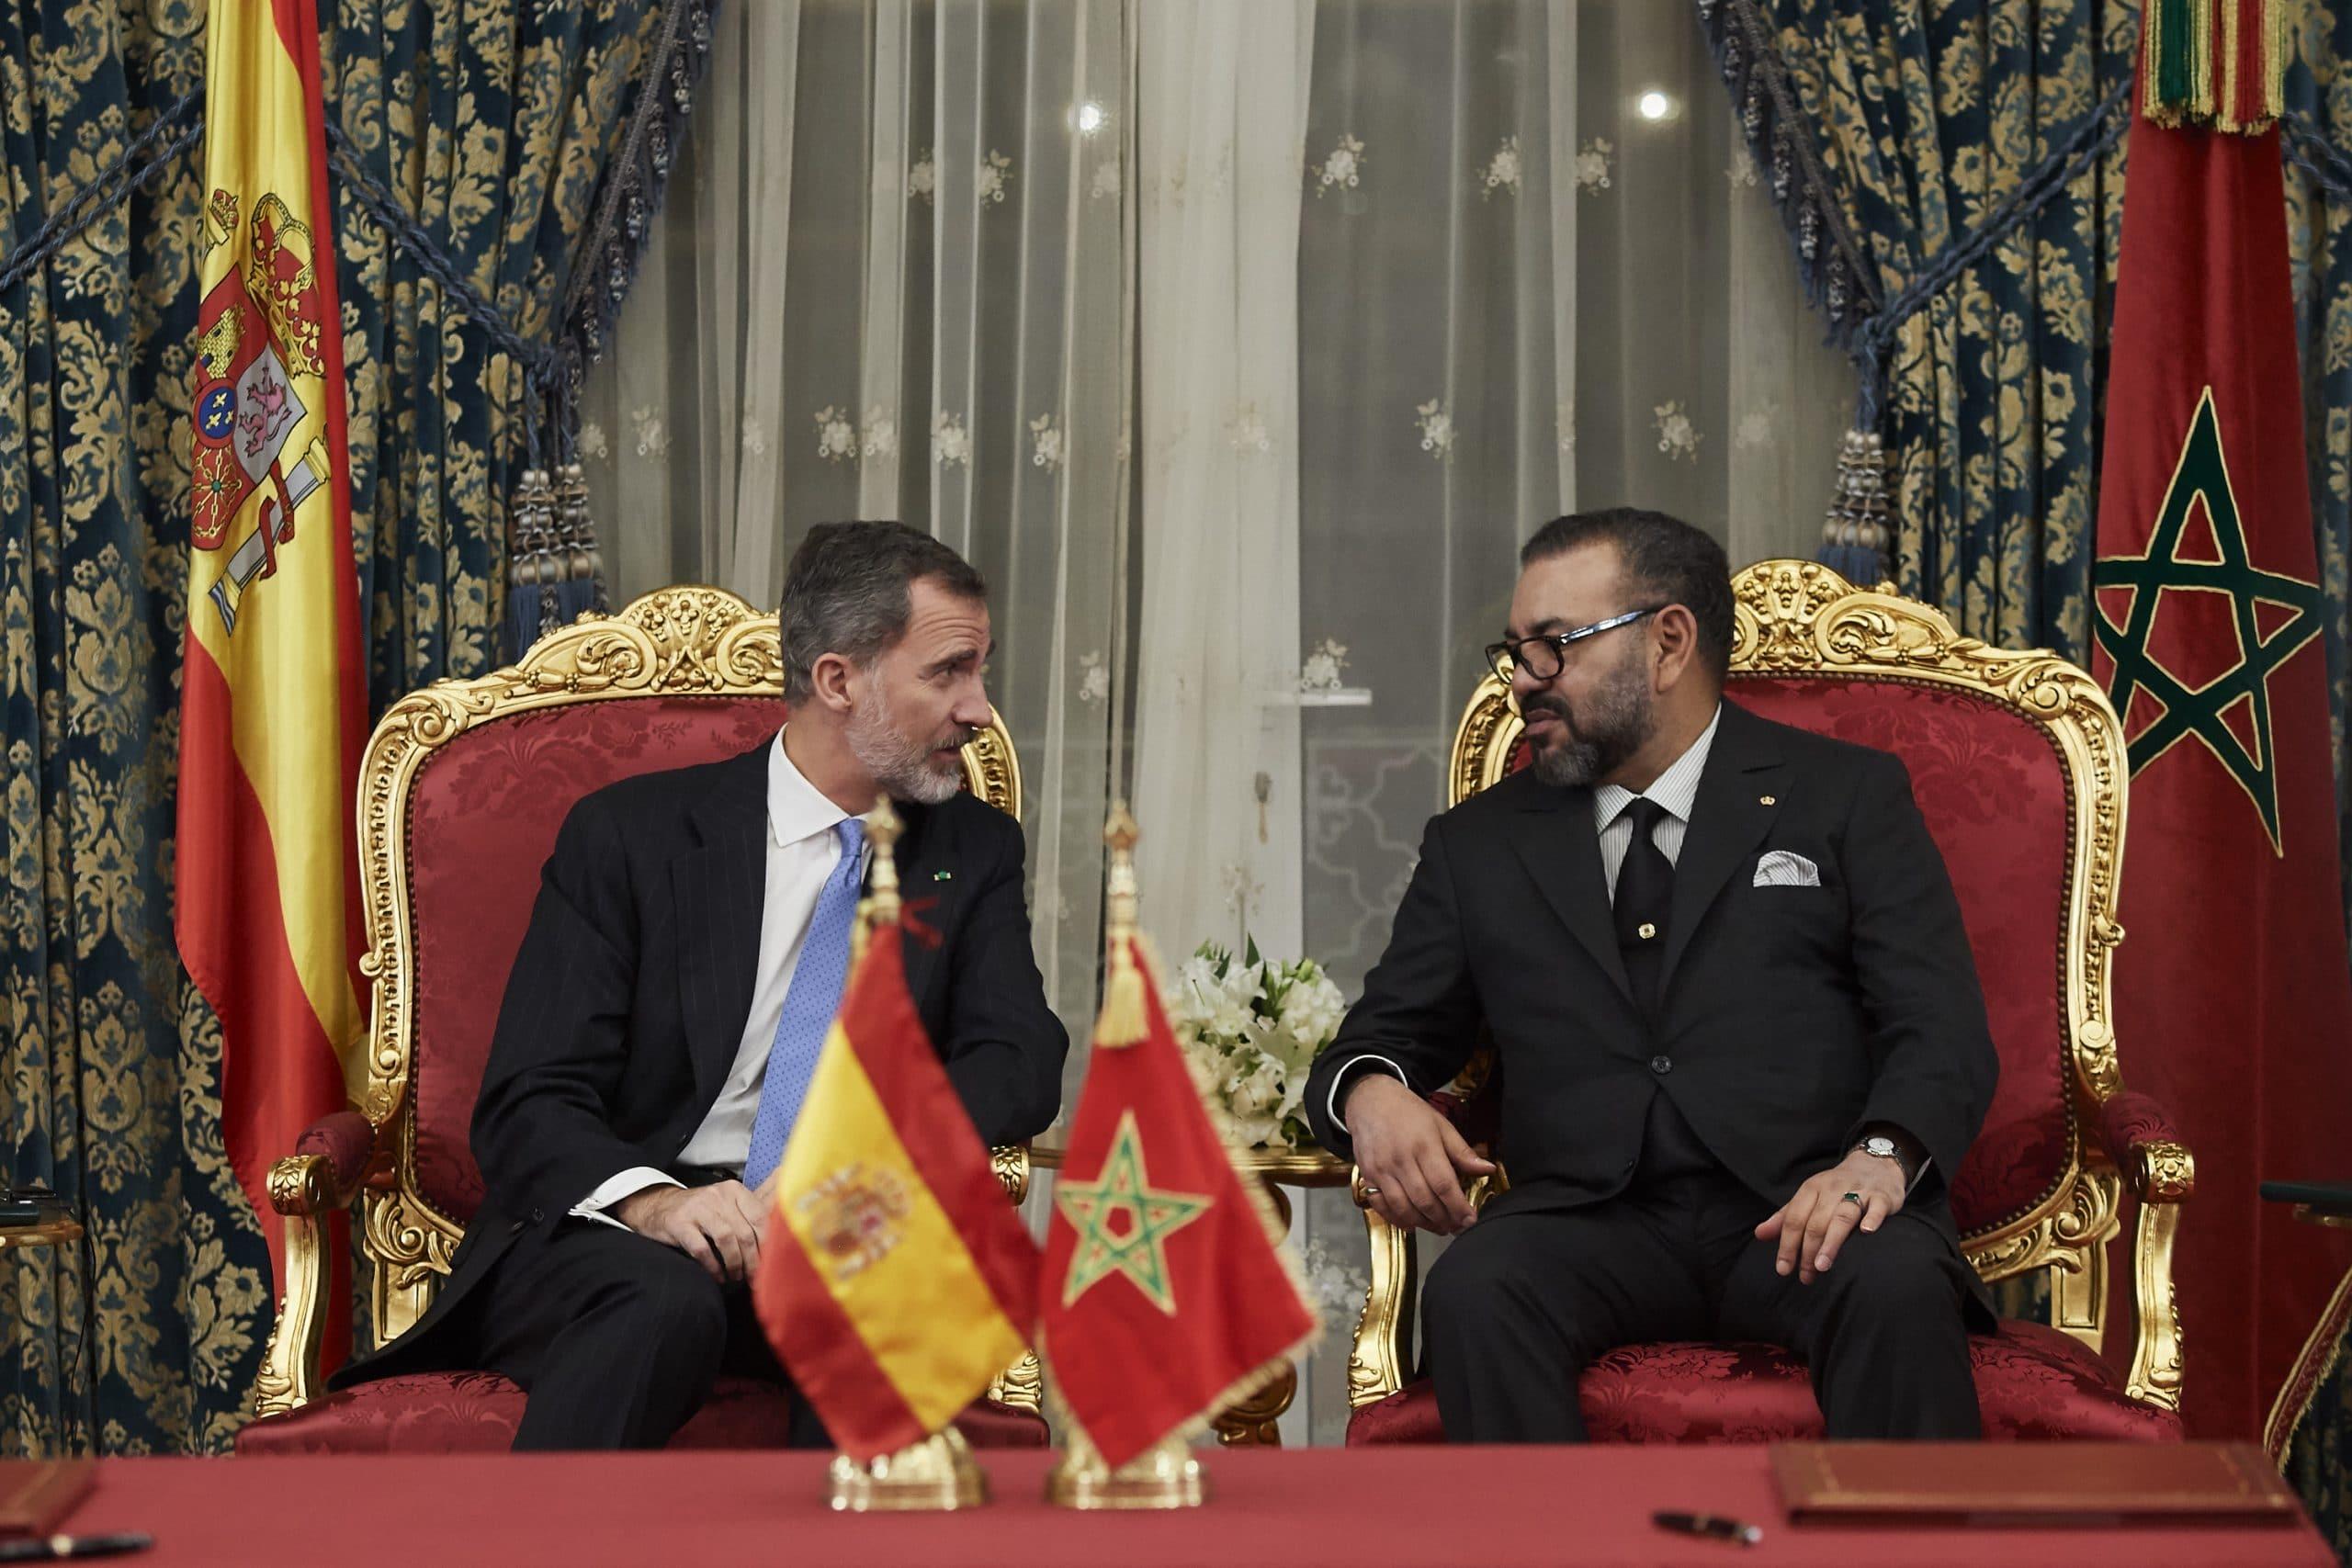 صلح غير معلن مع إسبانيا.. سفيرة المغرب تستعد للعودة وهذه شروط الملك محمد السادس